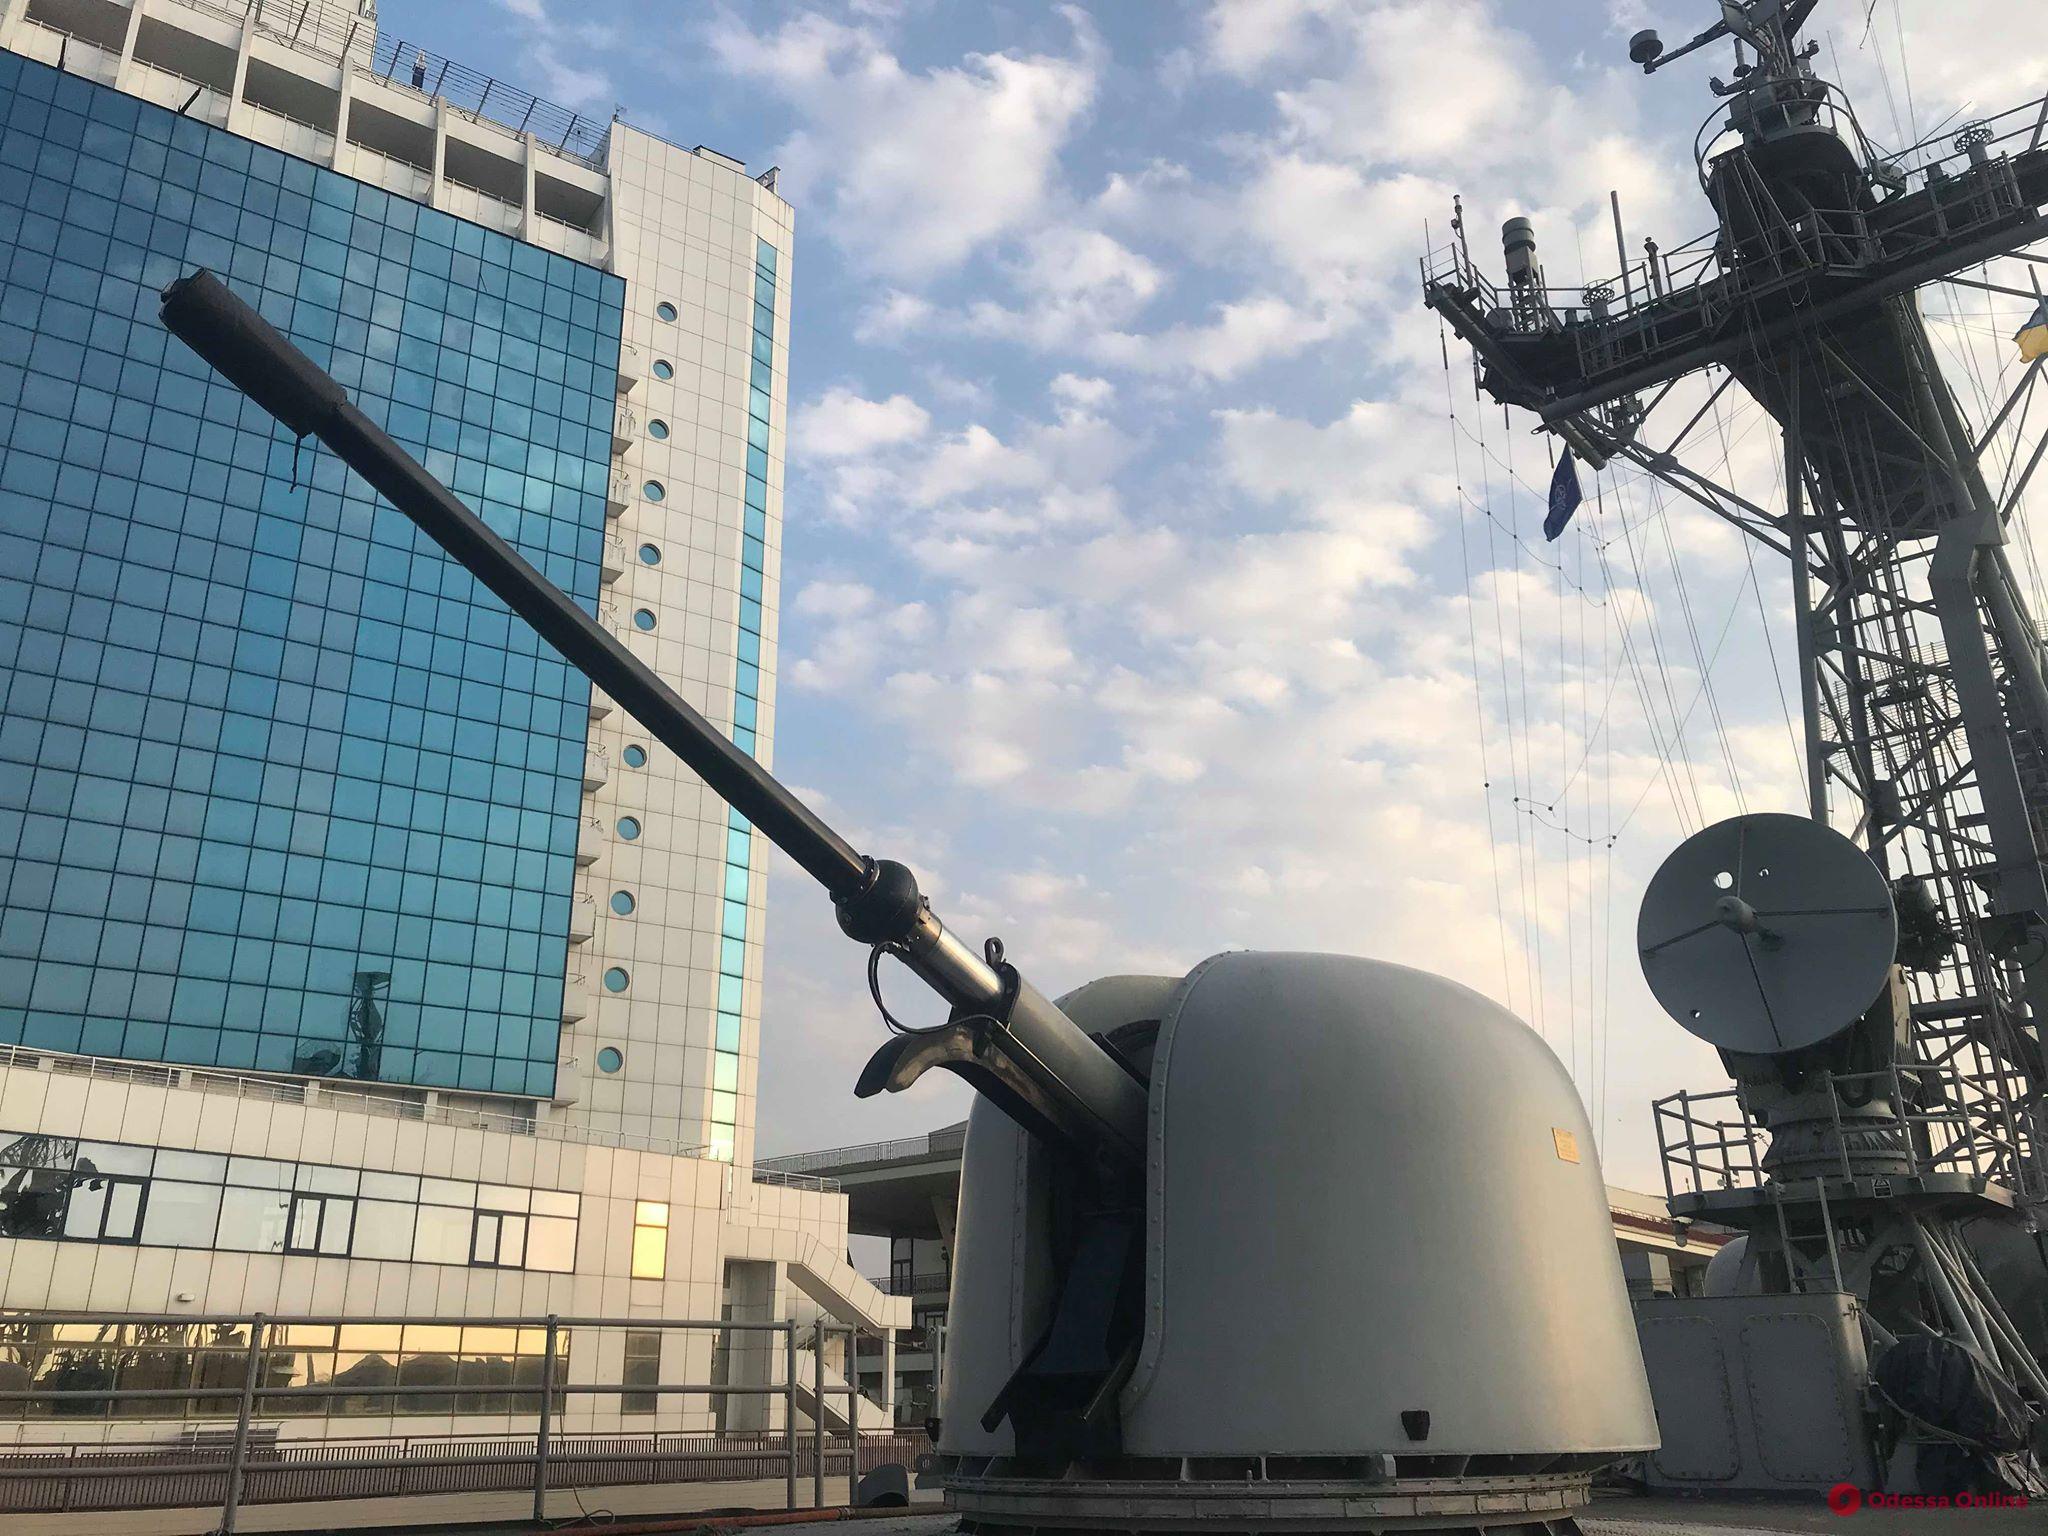 Прибывшие в Одессу корабли НАТО вызвали большой ажиотаж